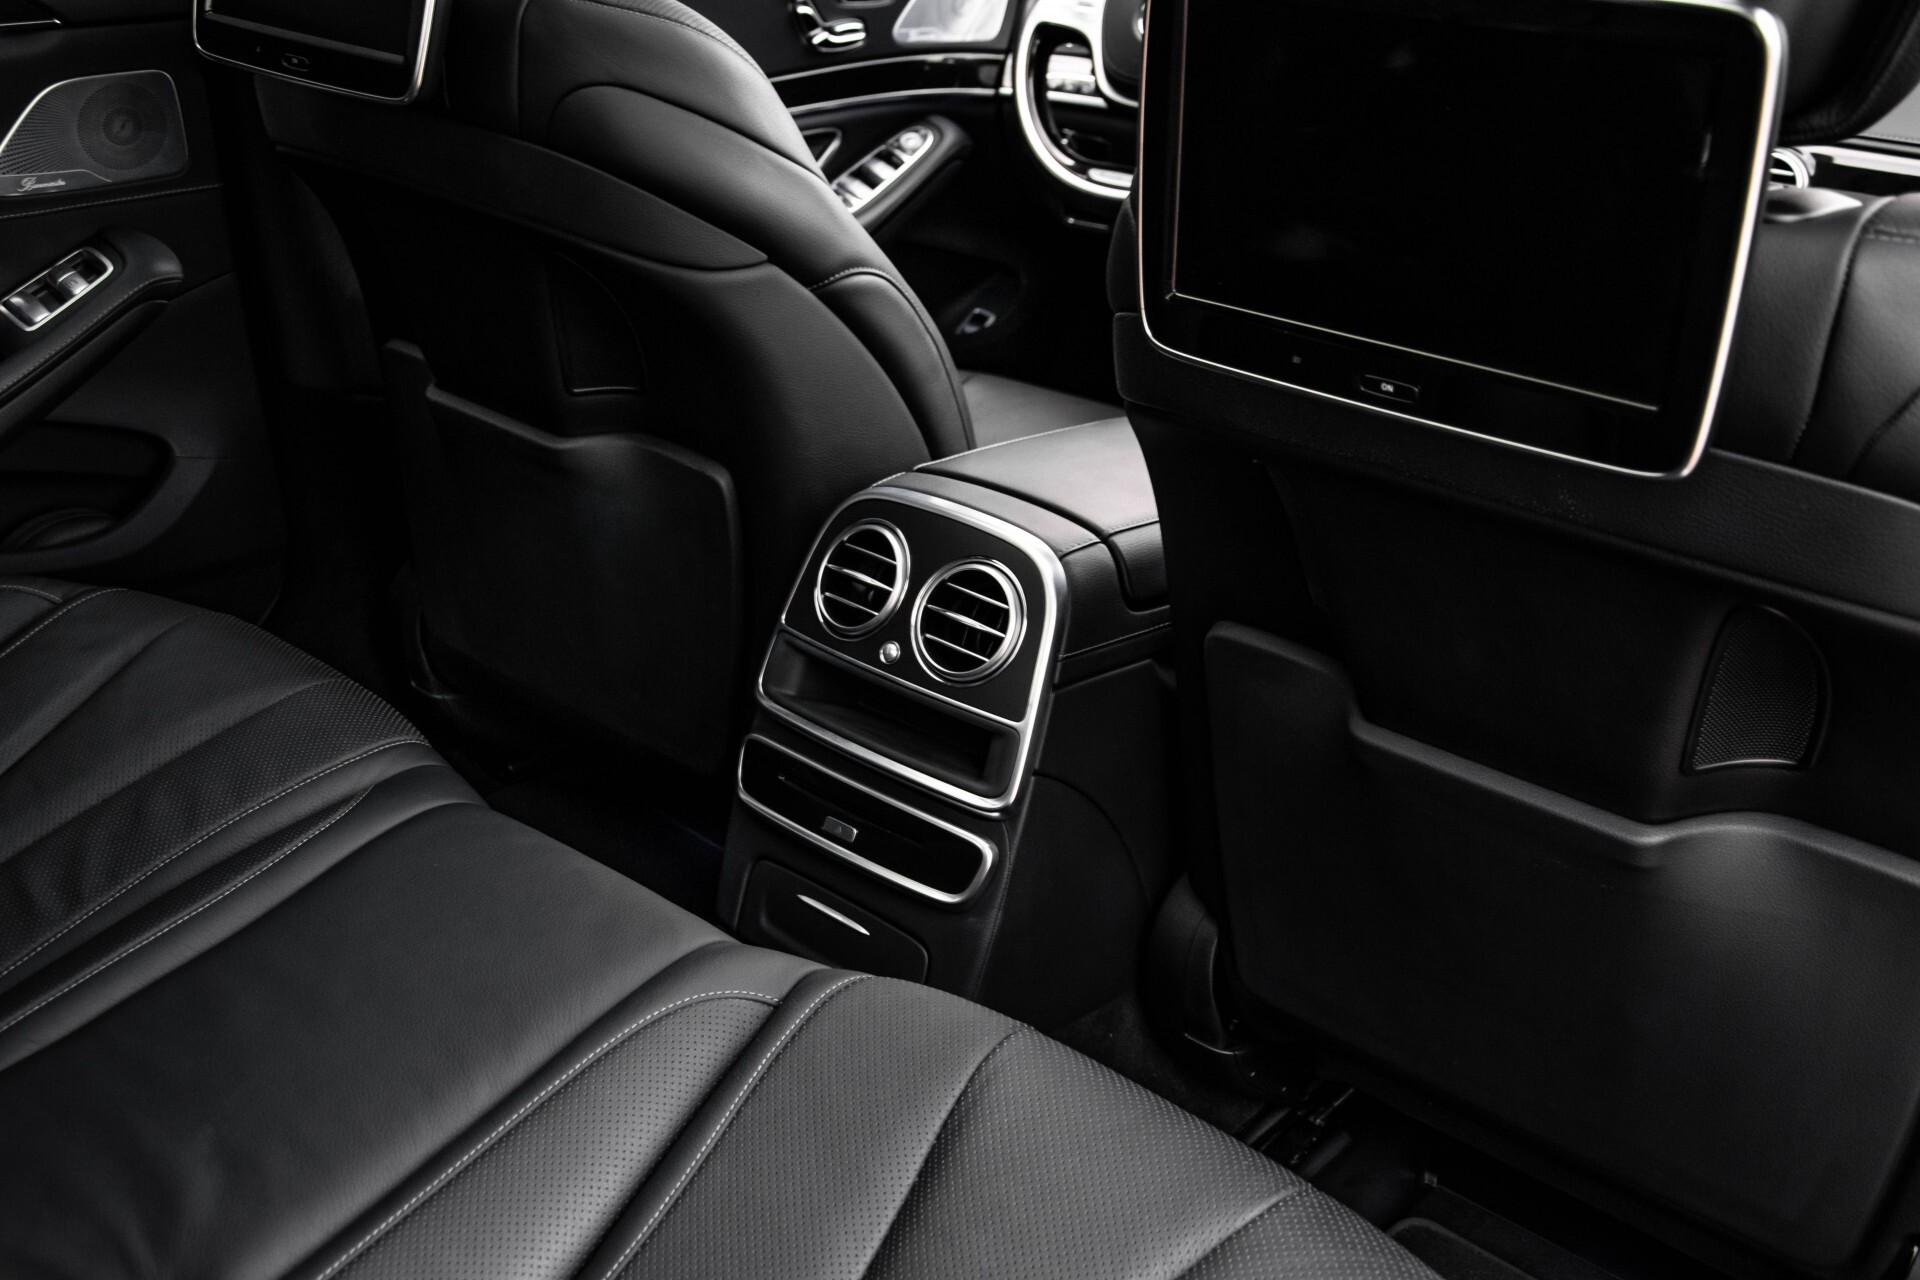 Mercedes-Benz S-Klasse 500 4-M AMG Panorama/Standkachel/Massage/Entertainment/TV Aut7 Foto 52